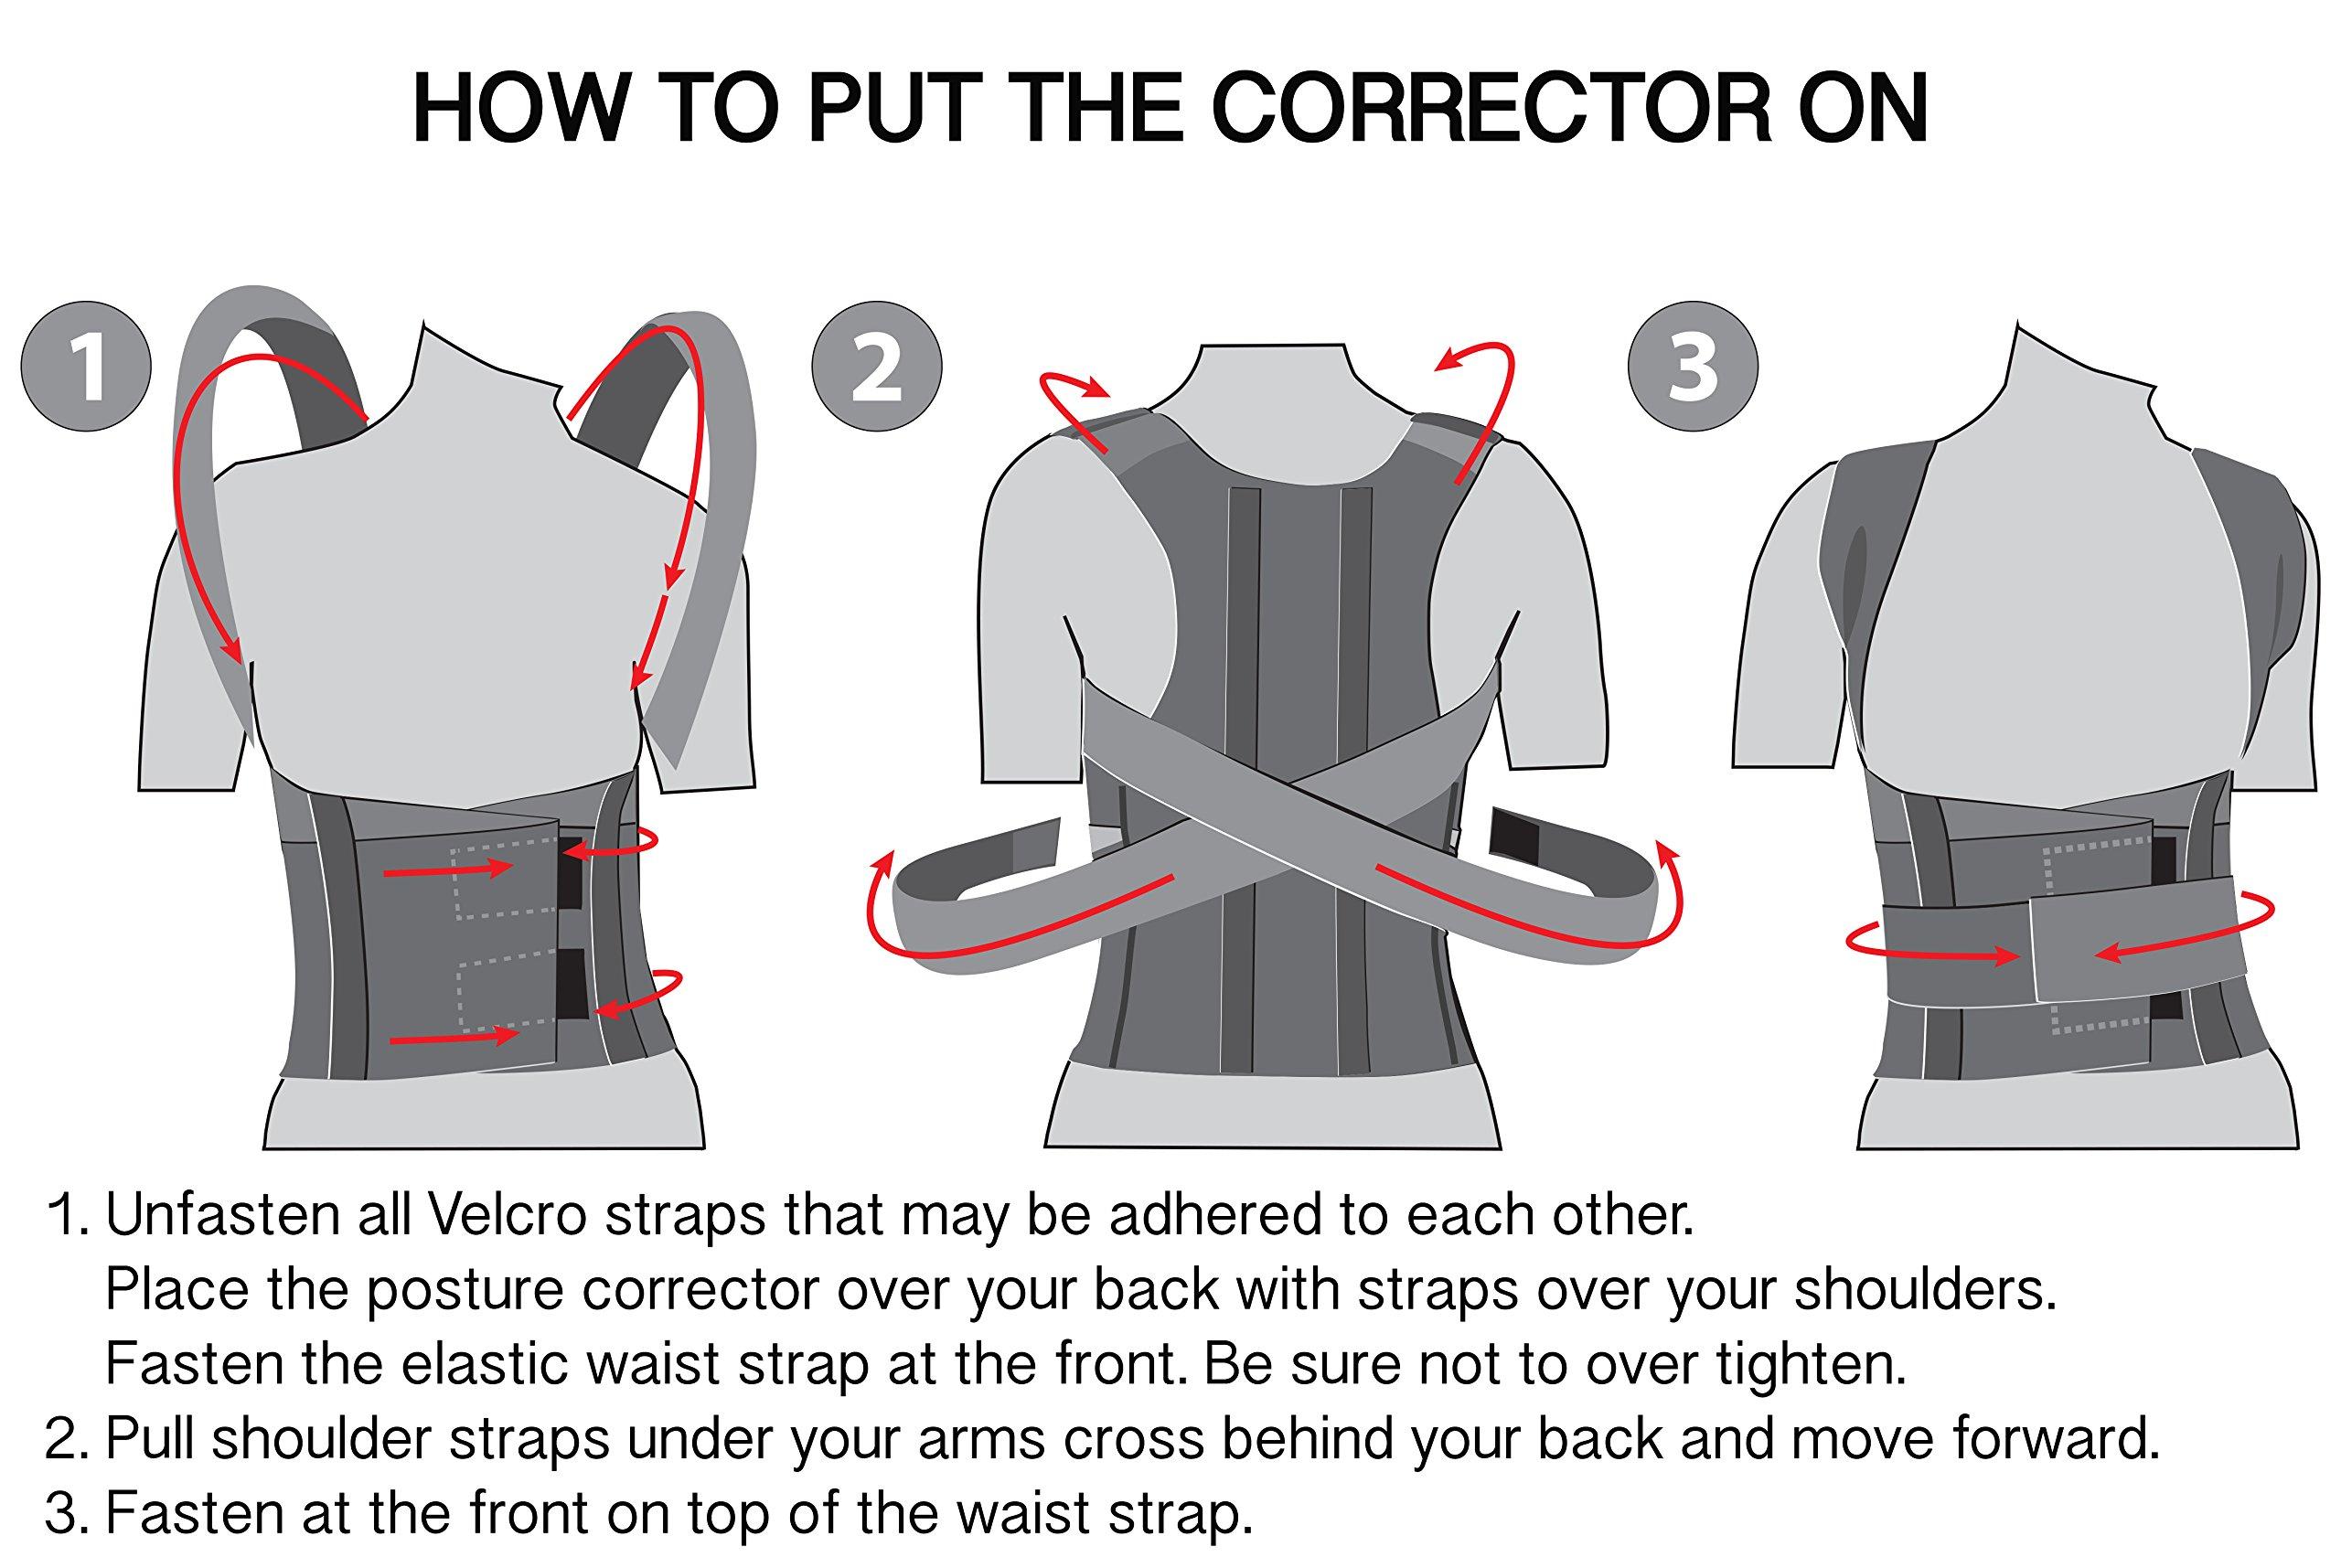 Comfort Posture Corrector And Back Support Brace 100 Cotton Liner Shoulder Elastis